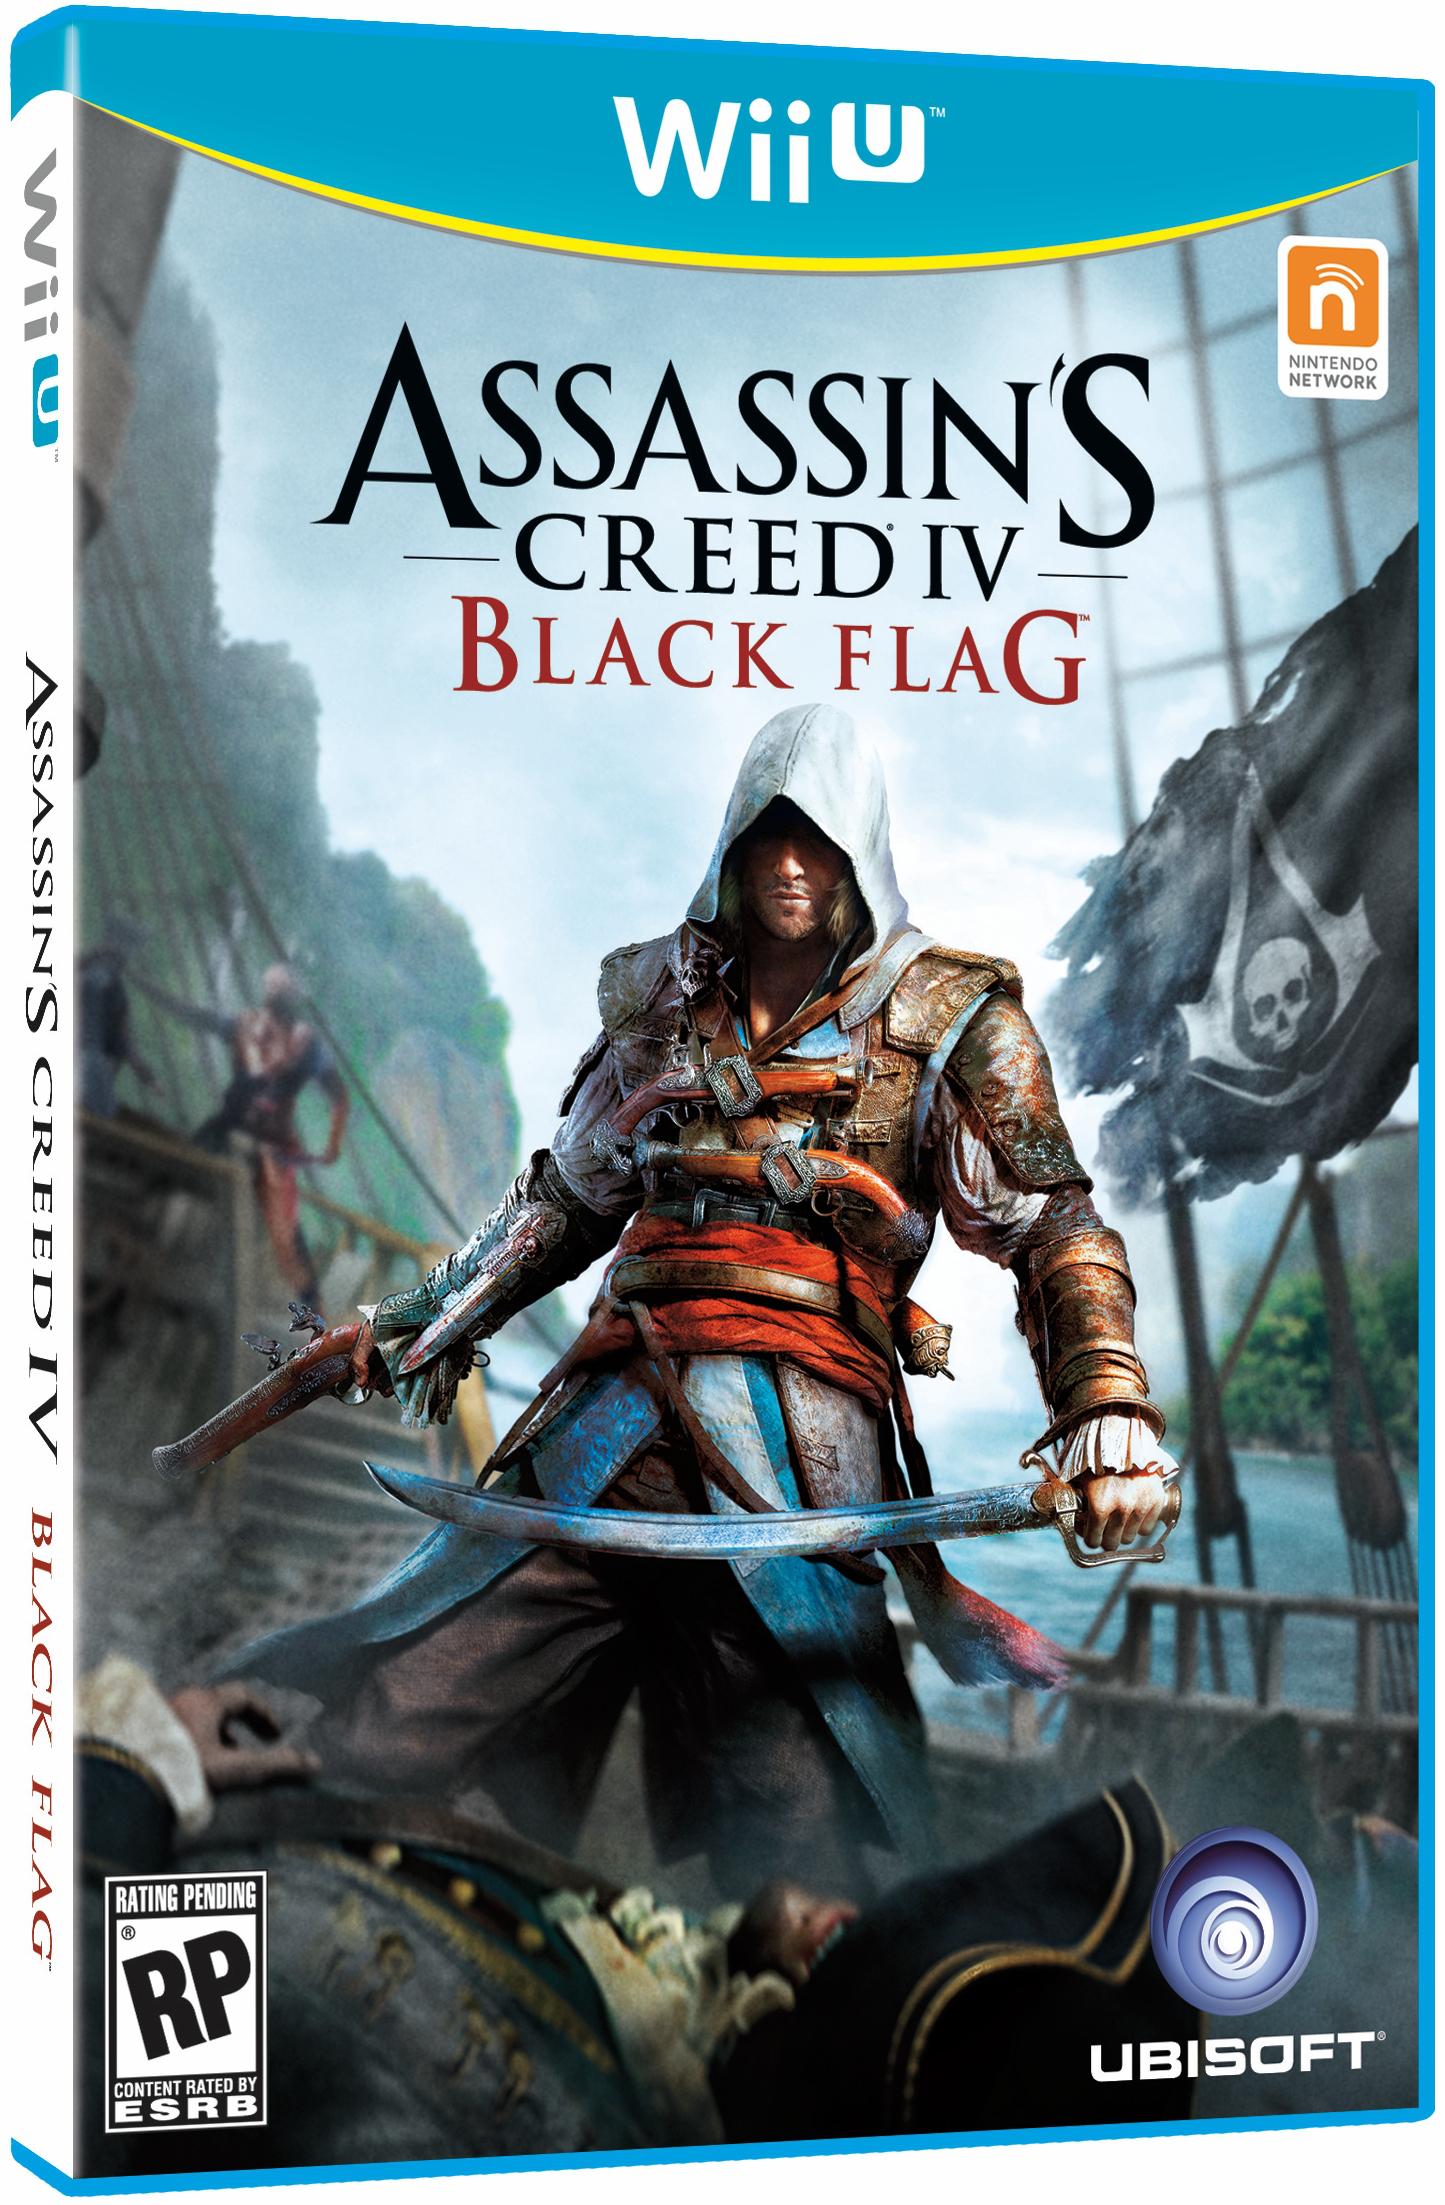 Assassin's Creed IV: Black Flag sur Wii U